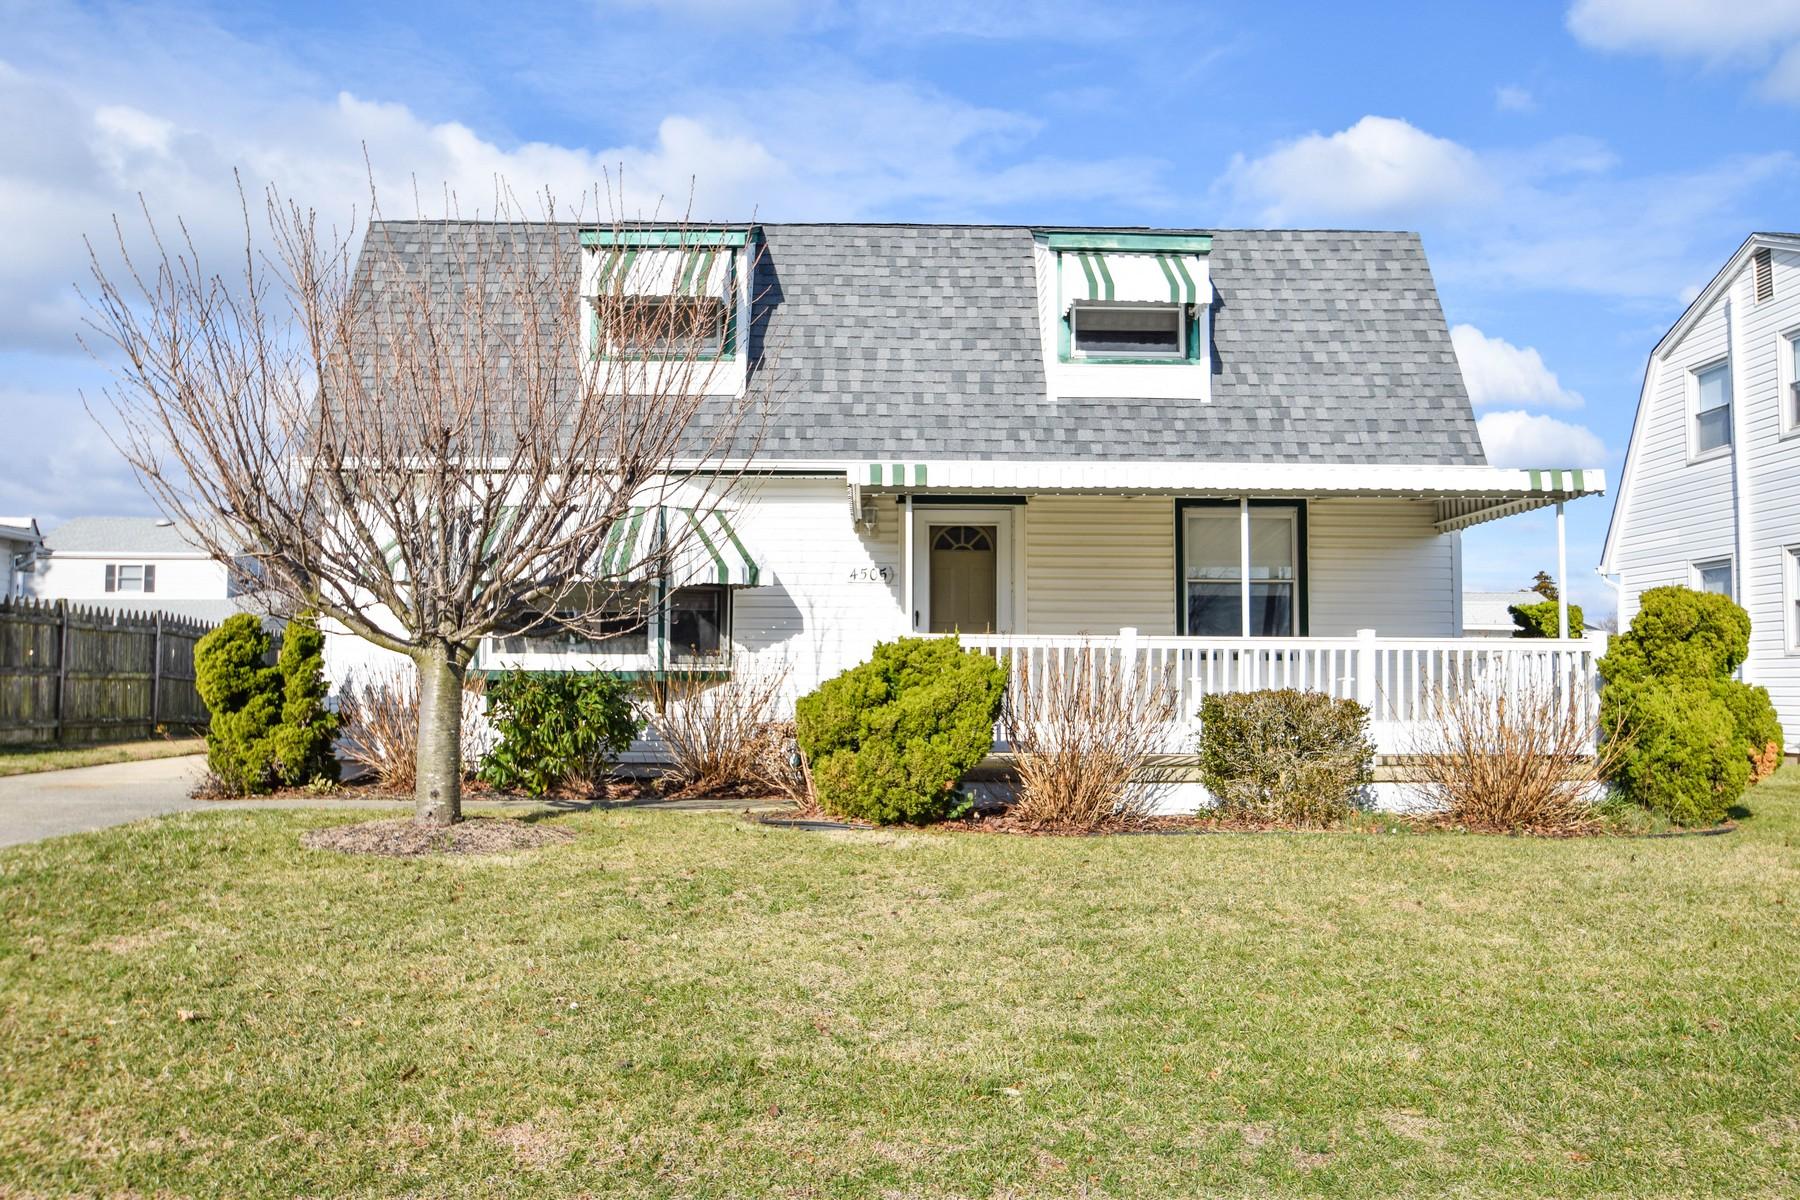 Частный односемейный дом для того Продажа на 4505 W Brigantine Ave Brigantine, Нью-Джерси 08203 Соединенные Штаты